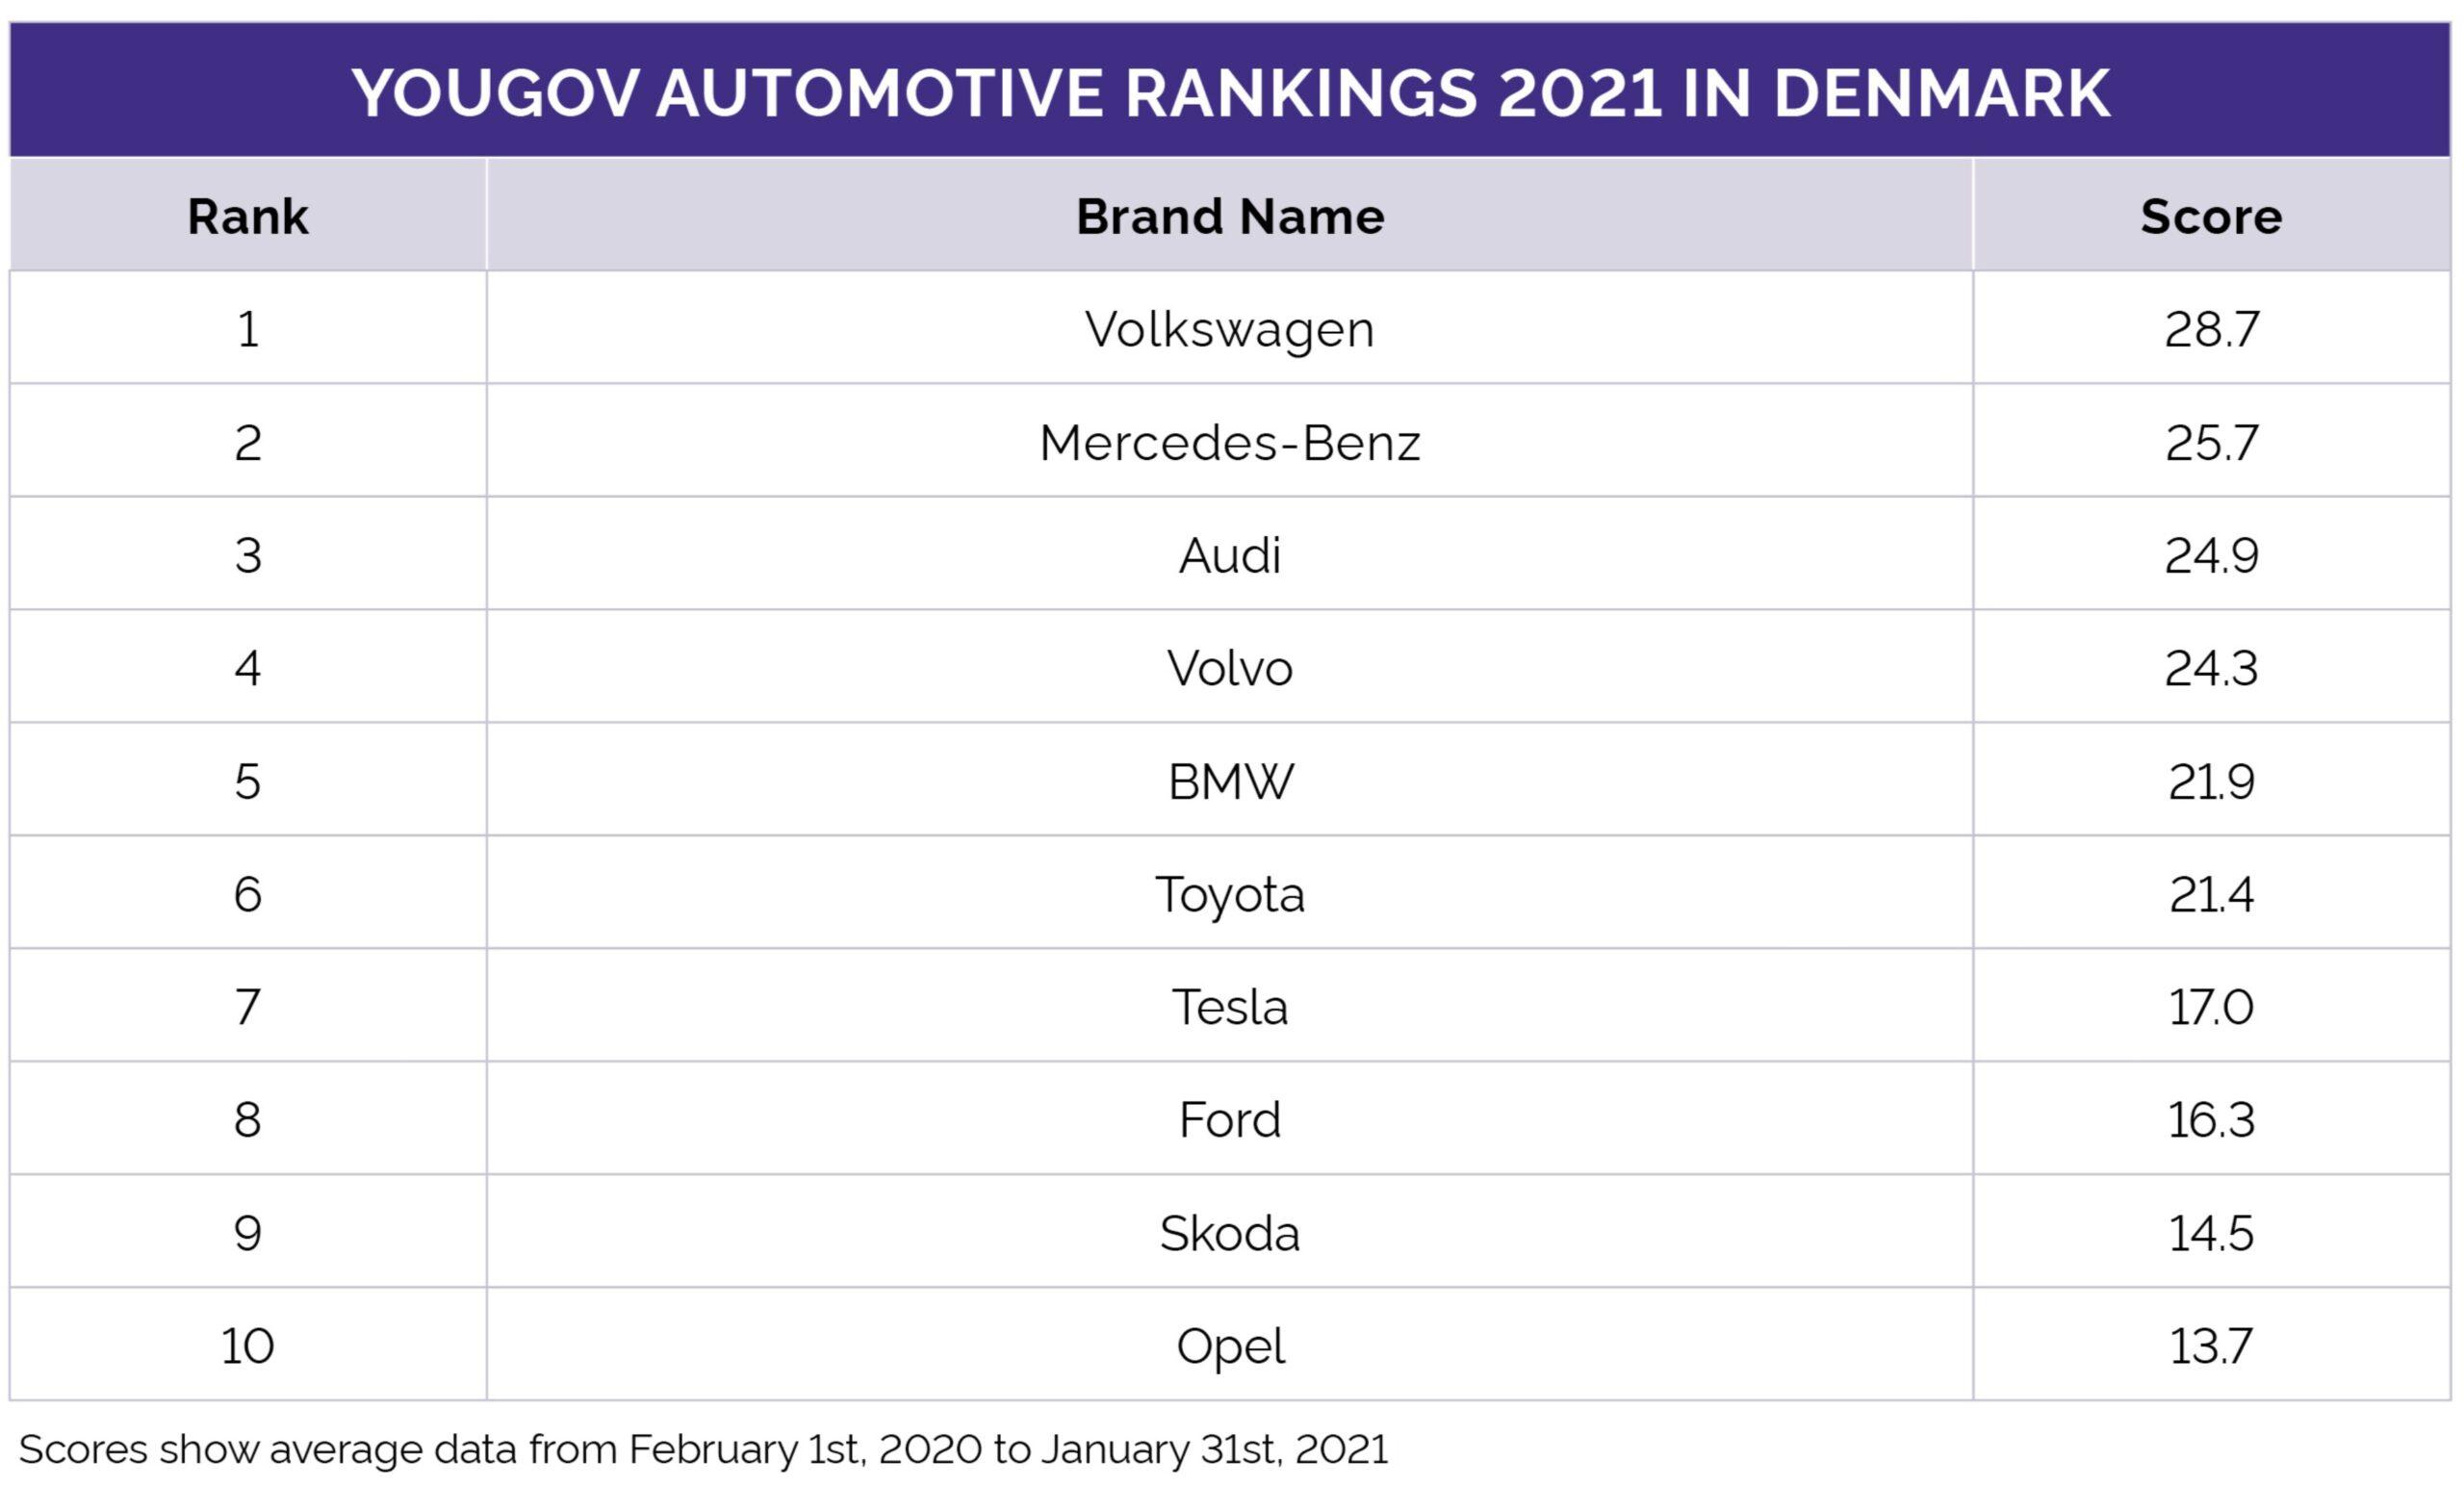 Danmarks stærkeste bilmærker